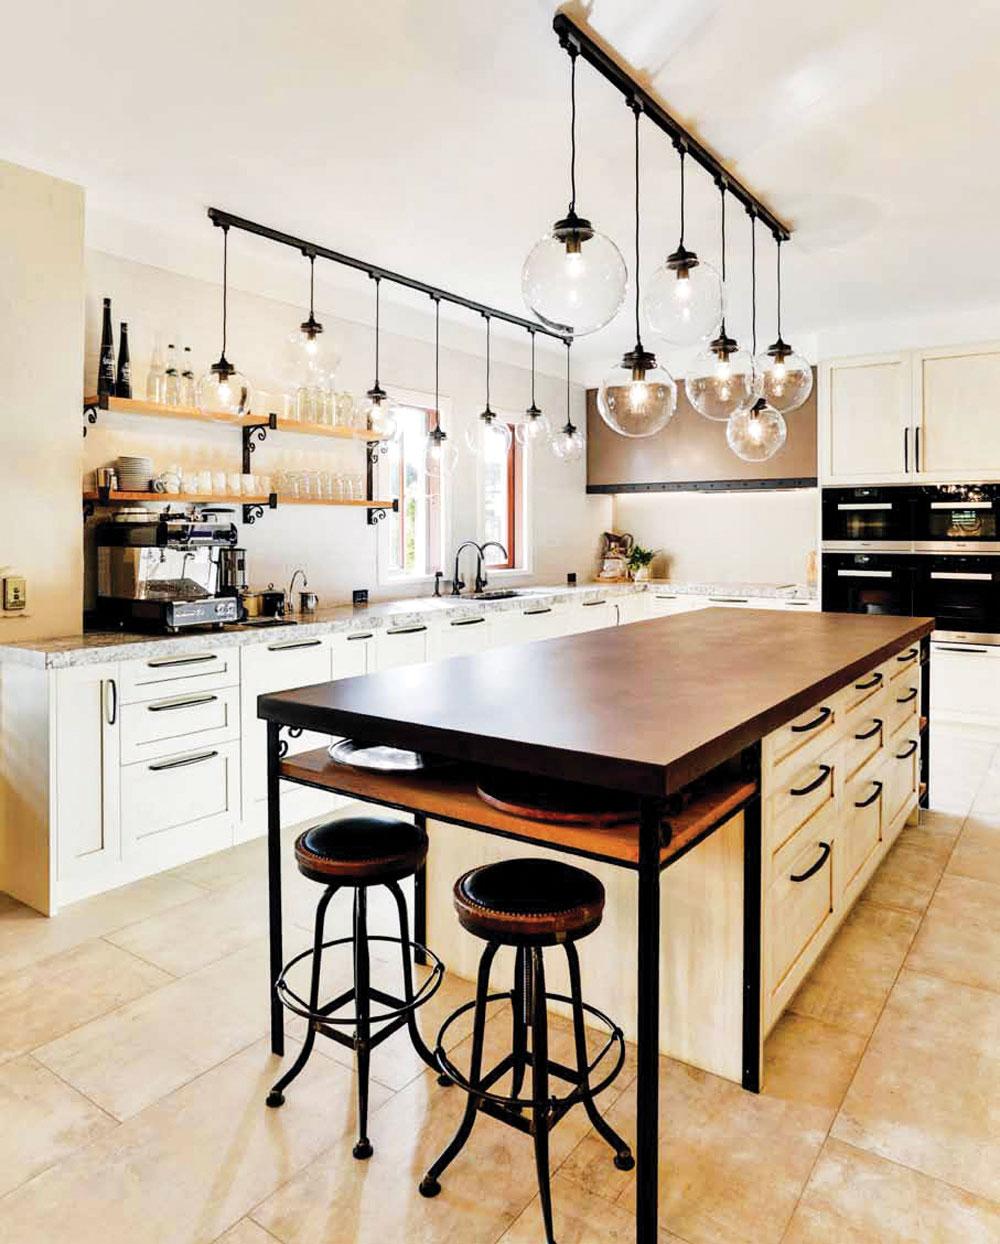 10 quality kitchen designs